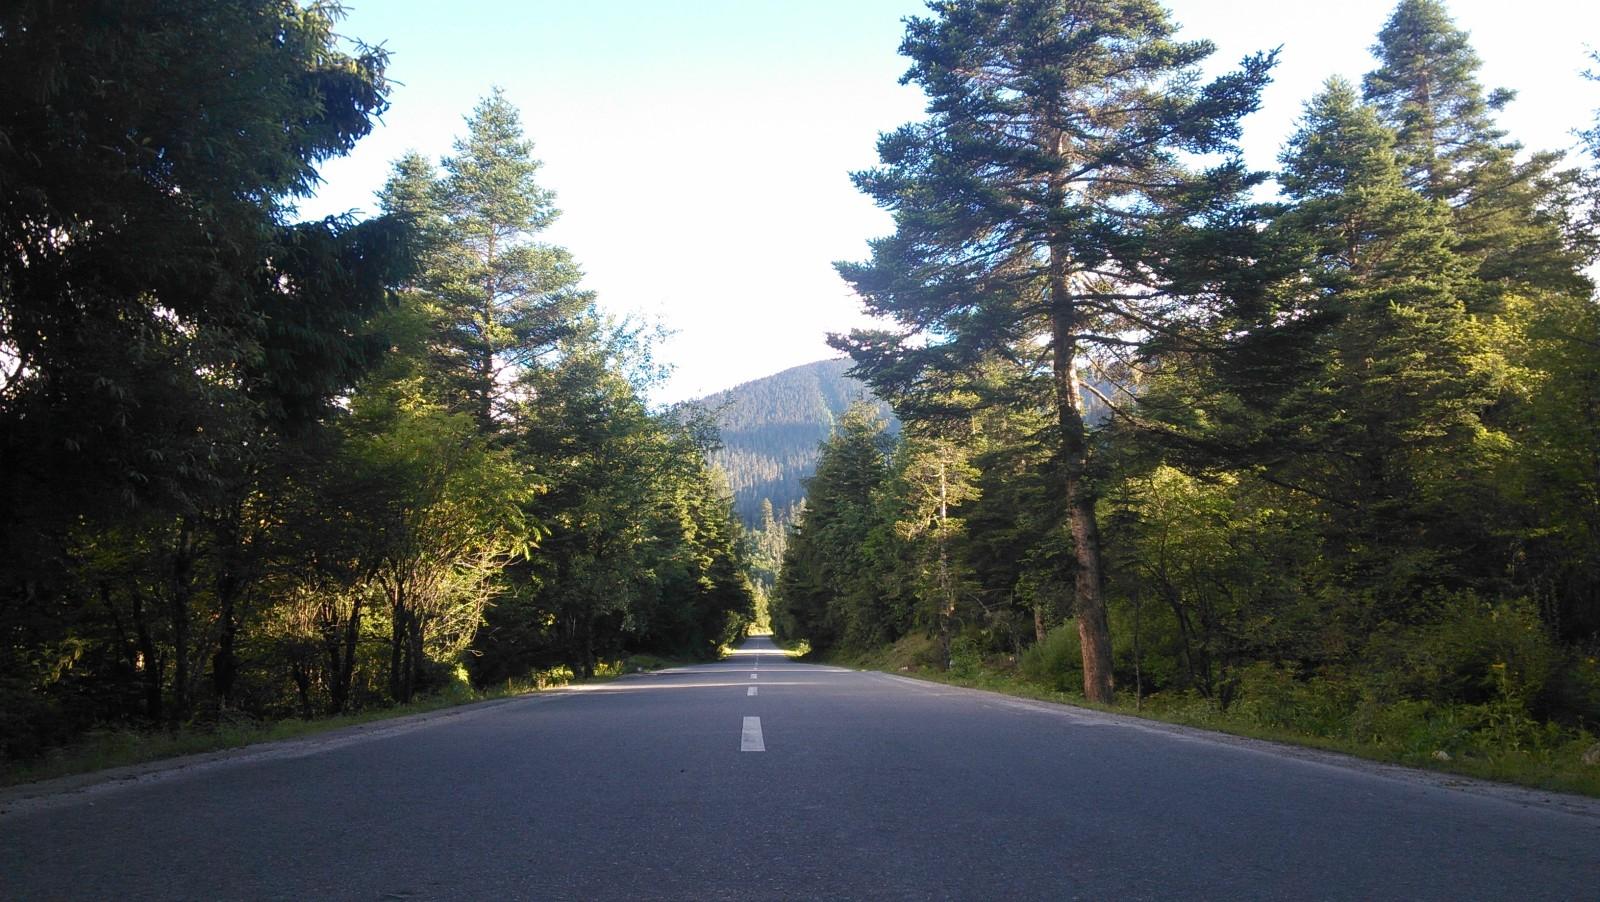 唯美的高山公路